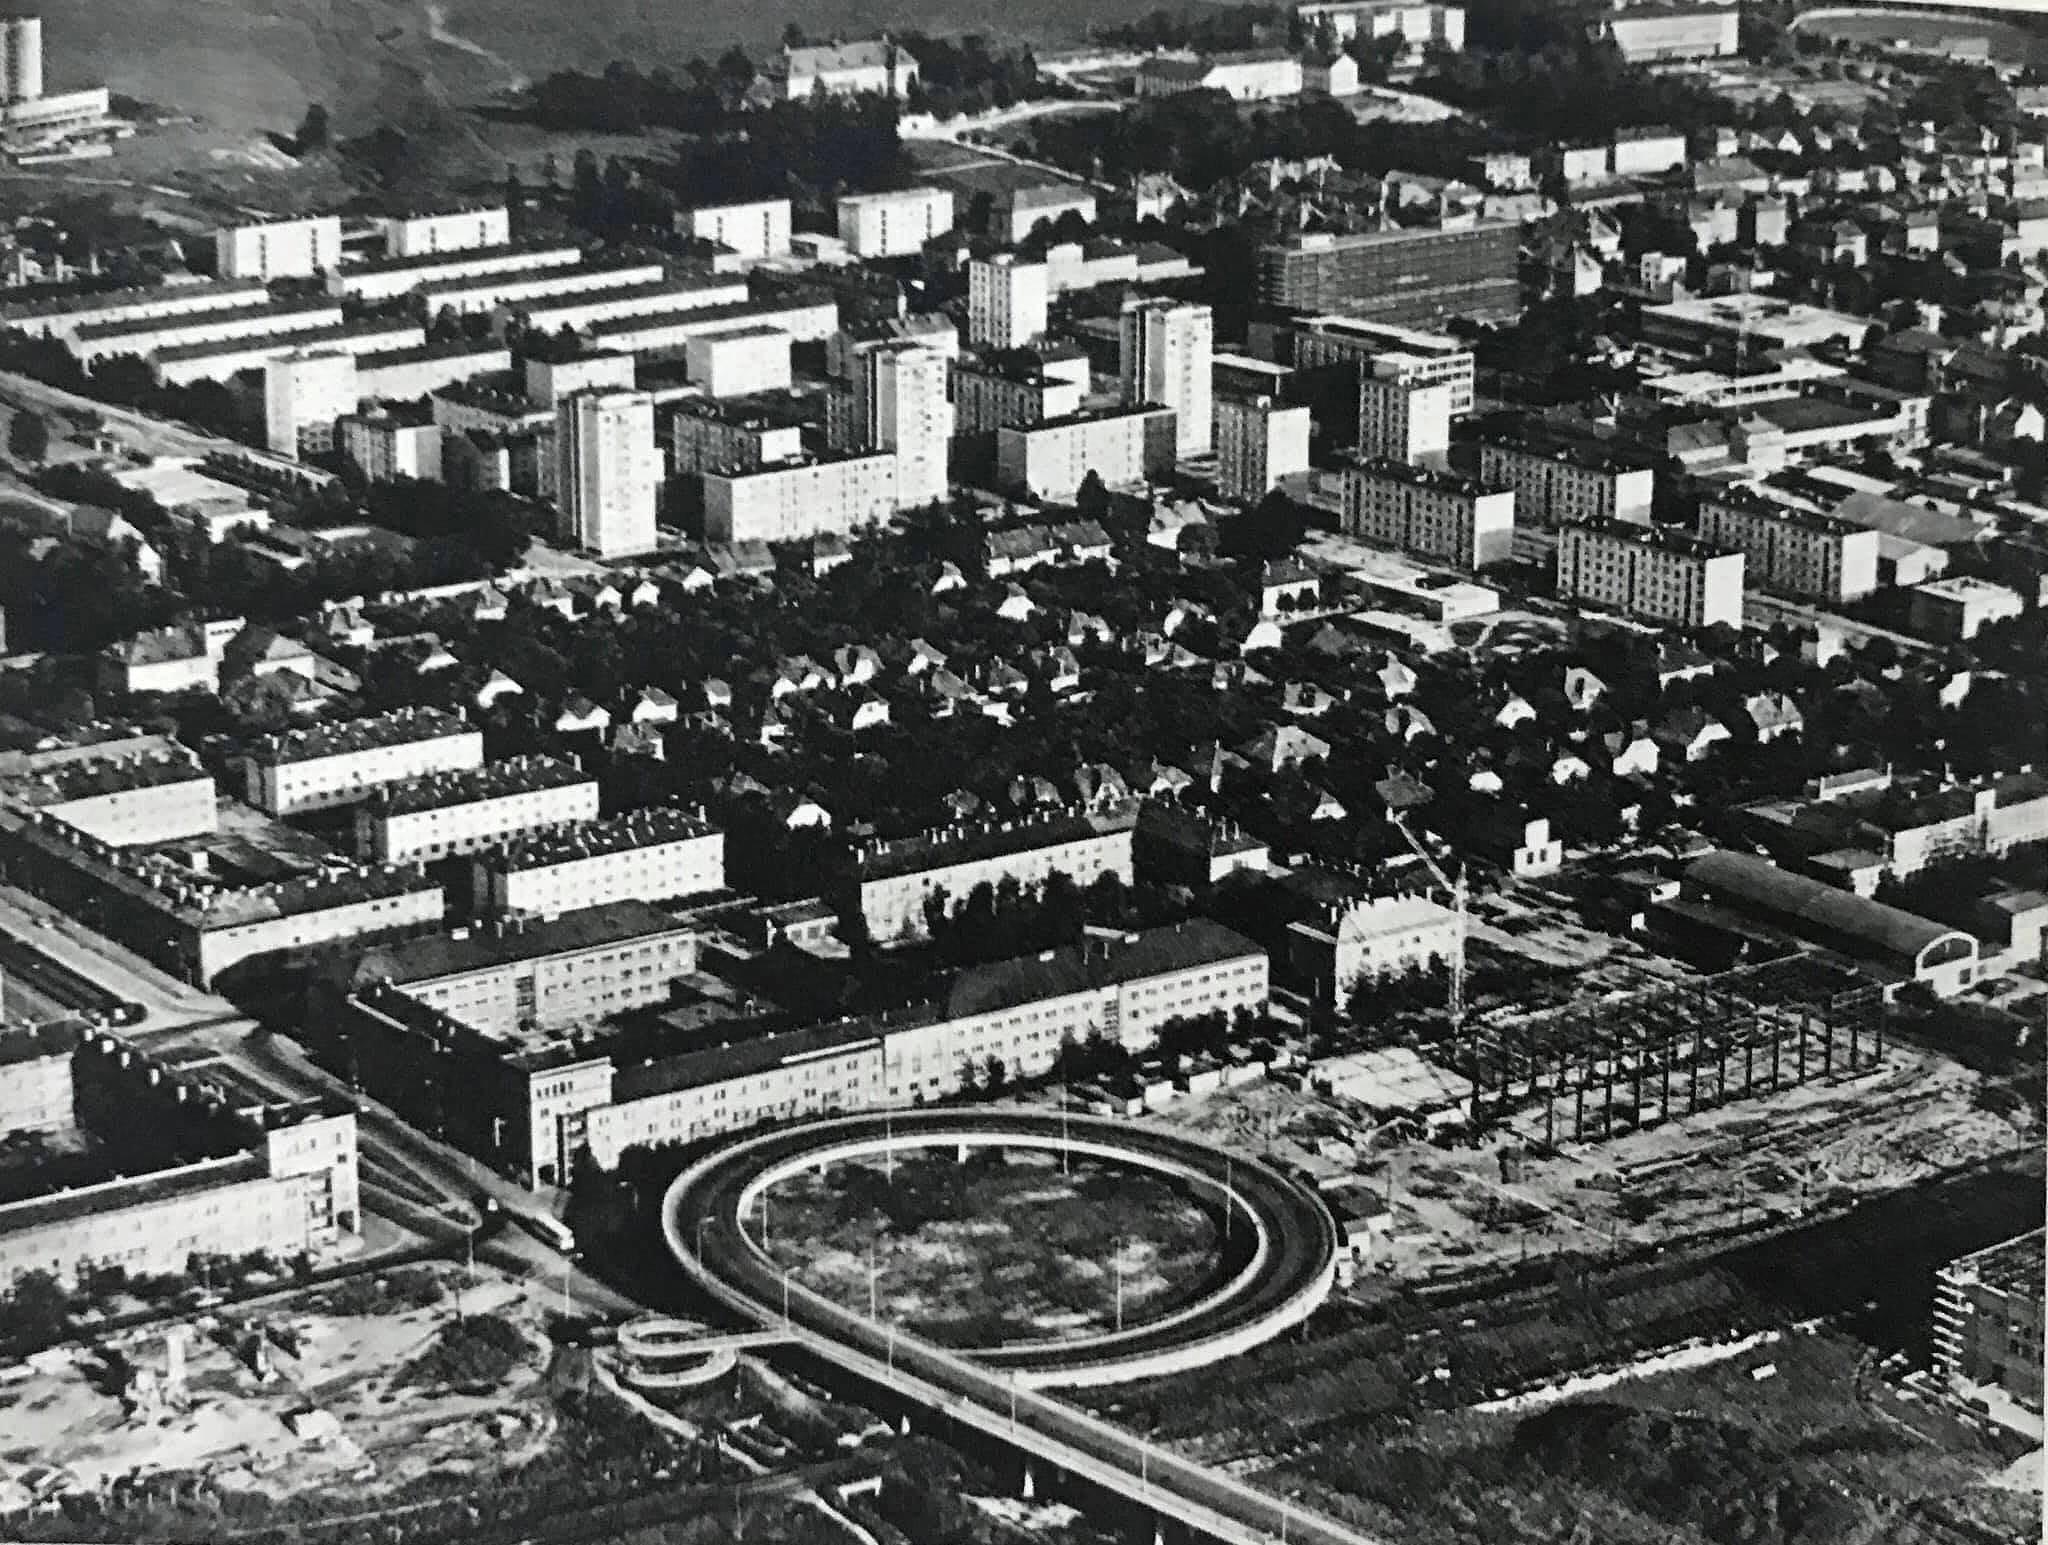 Letecký pohľad, 70te roky